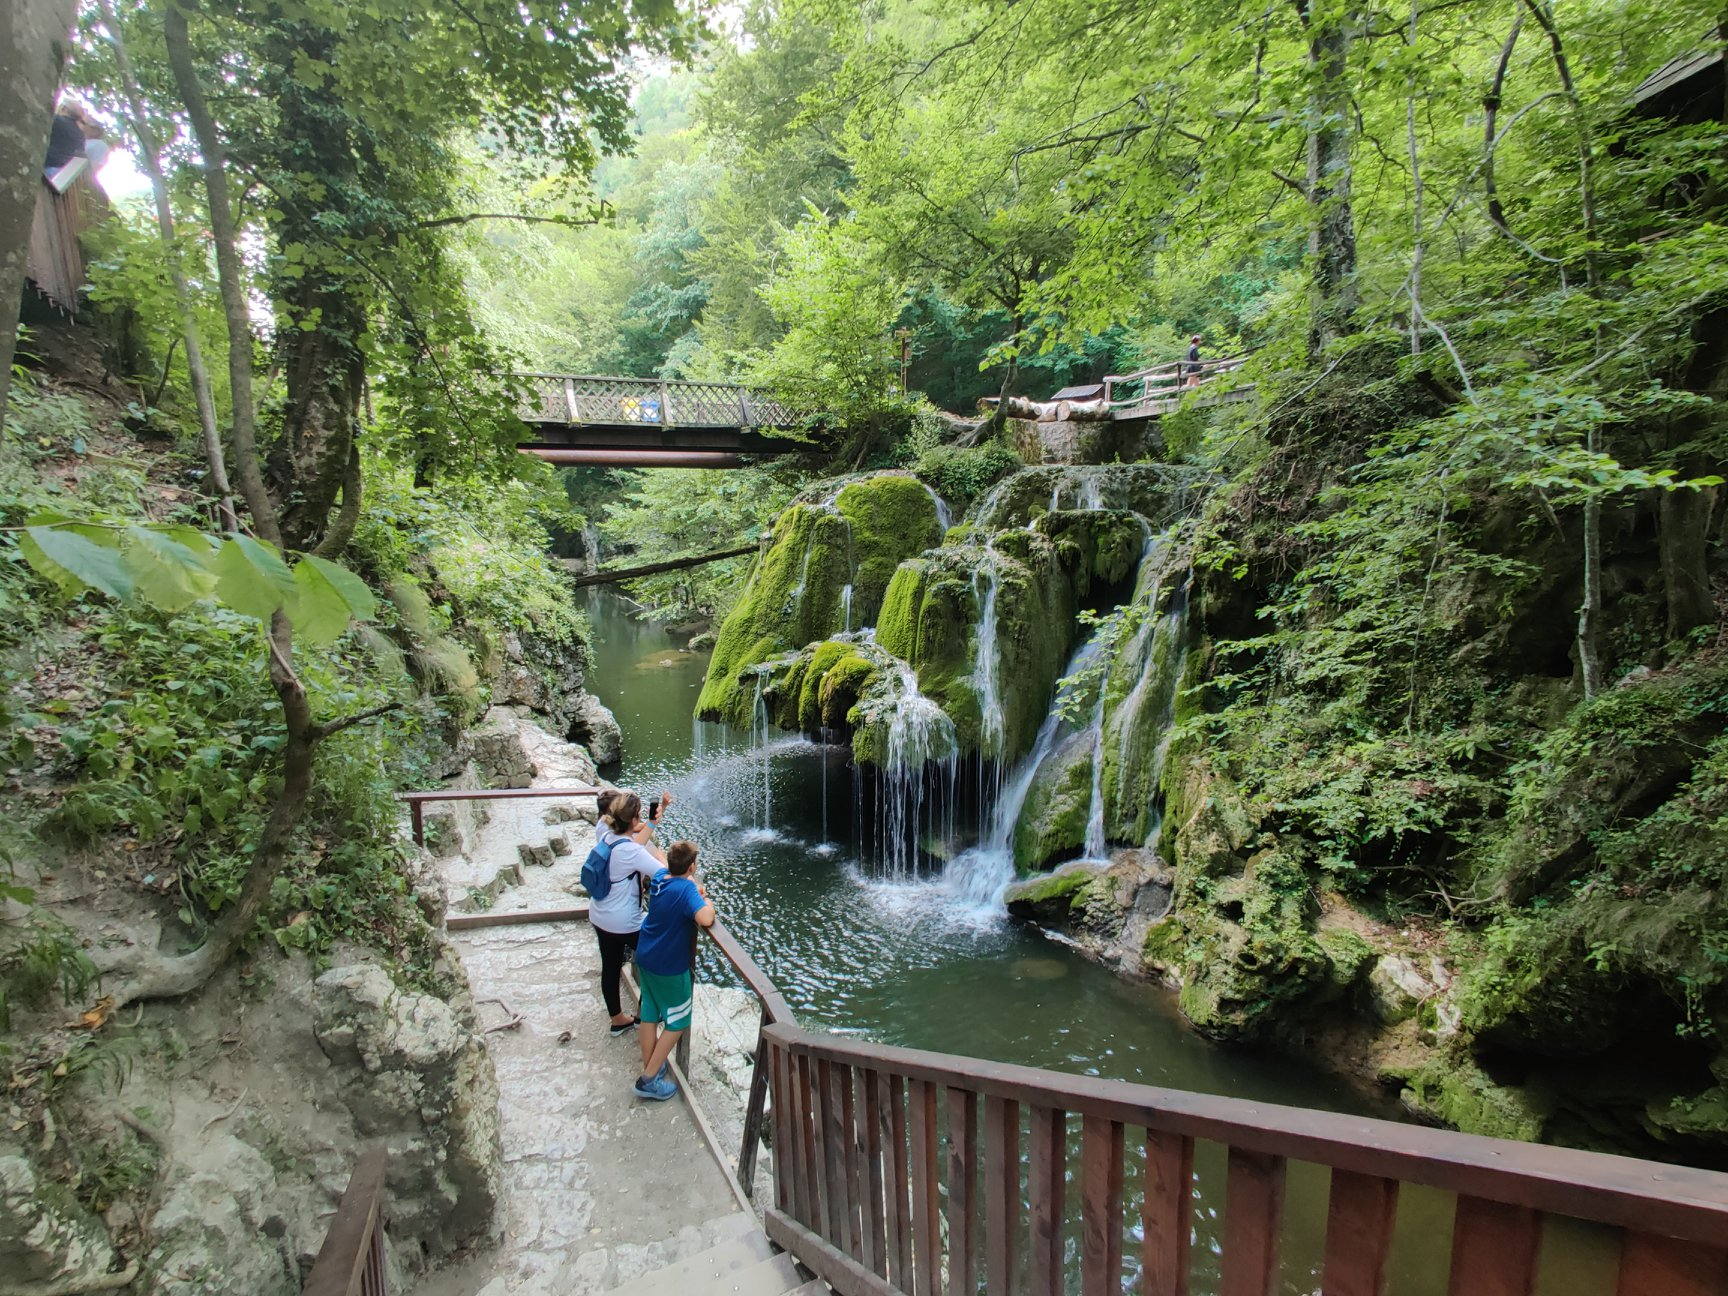 Cascada din Banat la fel de frumoasă ca și Bigărul. Se află pe traseul perfect pentru o drumeție